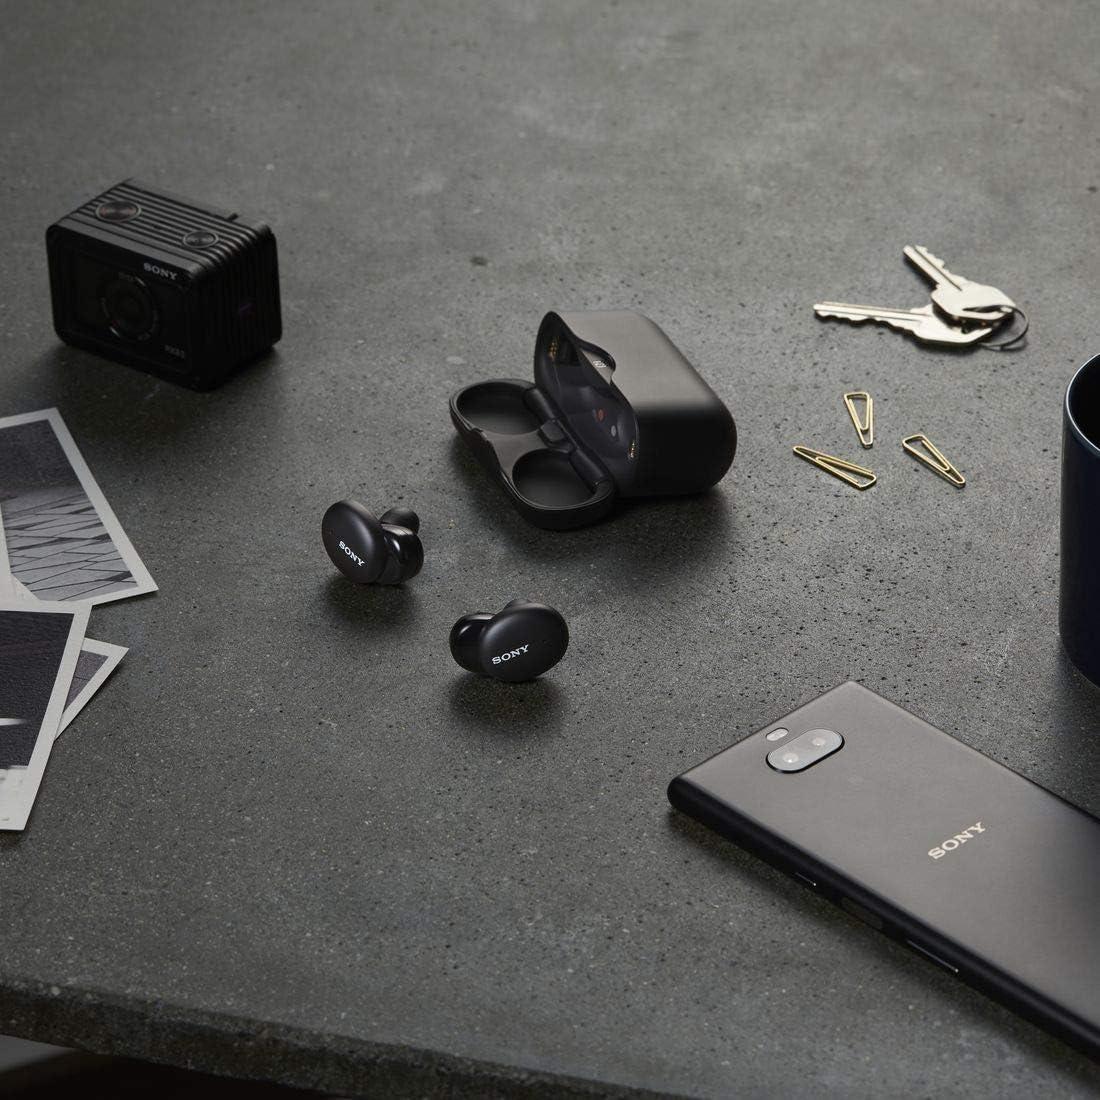 ソニー 完全ワイヤレスイヤホン WF-H800 : ハイレゾ級/Amazon Alexa搭載 / 最大8時間連続再生 / 小型・軽量 高い接続安定性 専用アプリ対応 マイク搭載 2020年モデル ブラック WF-H800 B